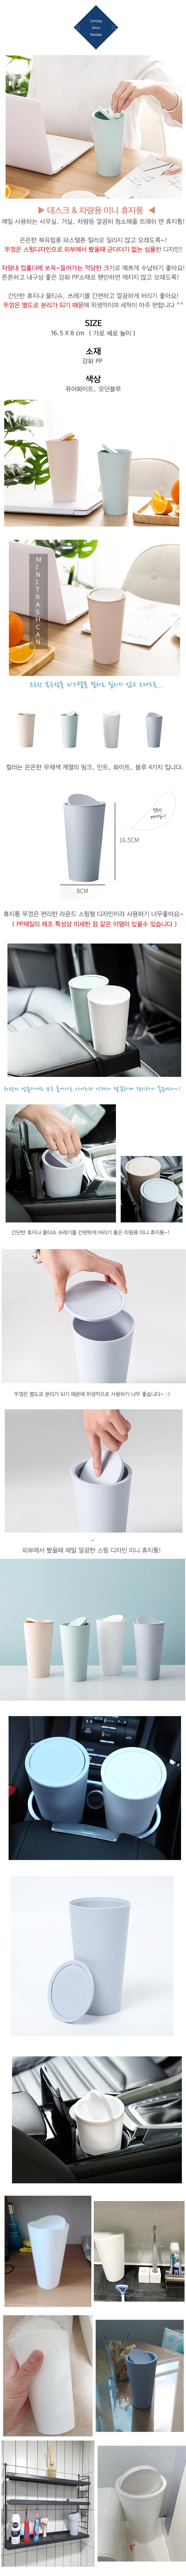 데스크&차량용미니휴지통 - 미스터고물상, 2,800원, 휴지통, 휴지통